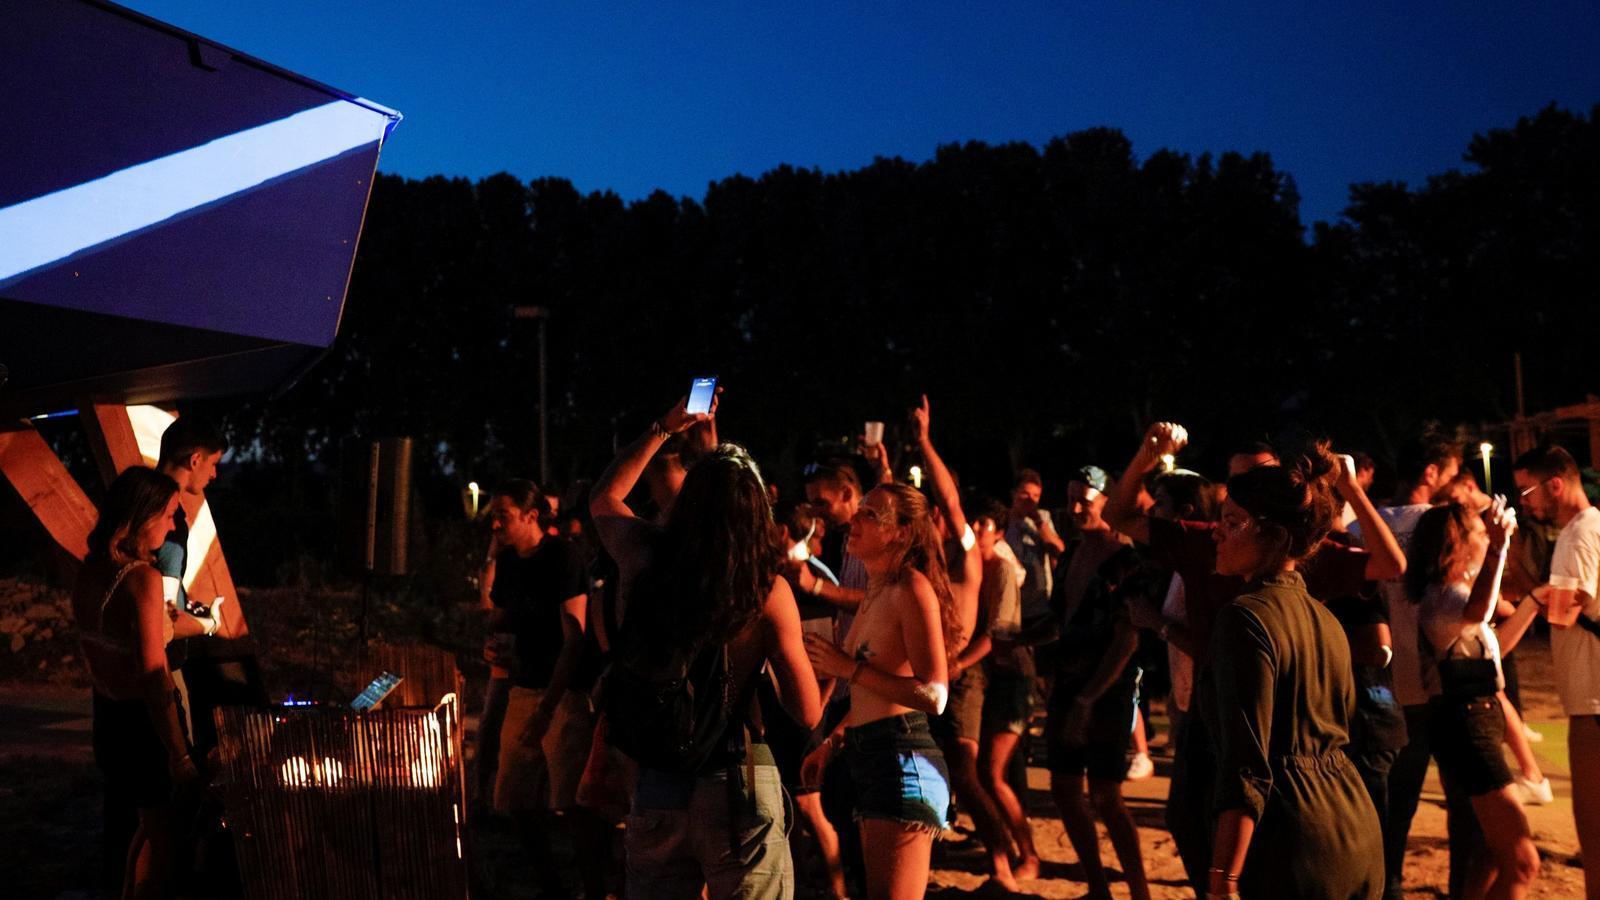 La gent balla i gaudeix d'una festa a l'aire lliure a Saint-Denis el passat 1 d'agost